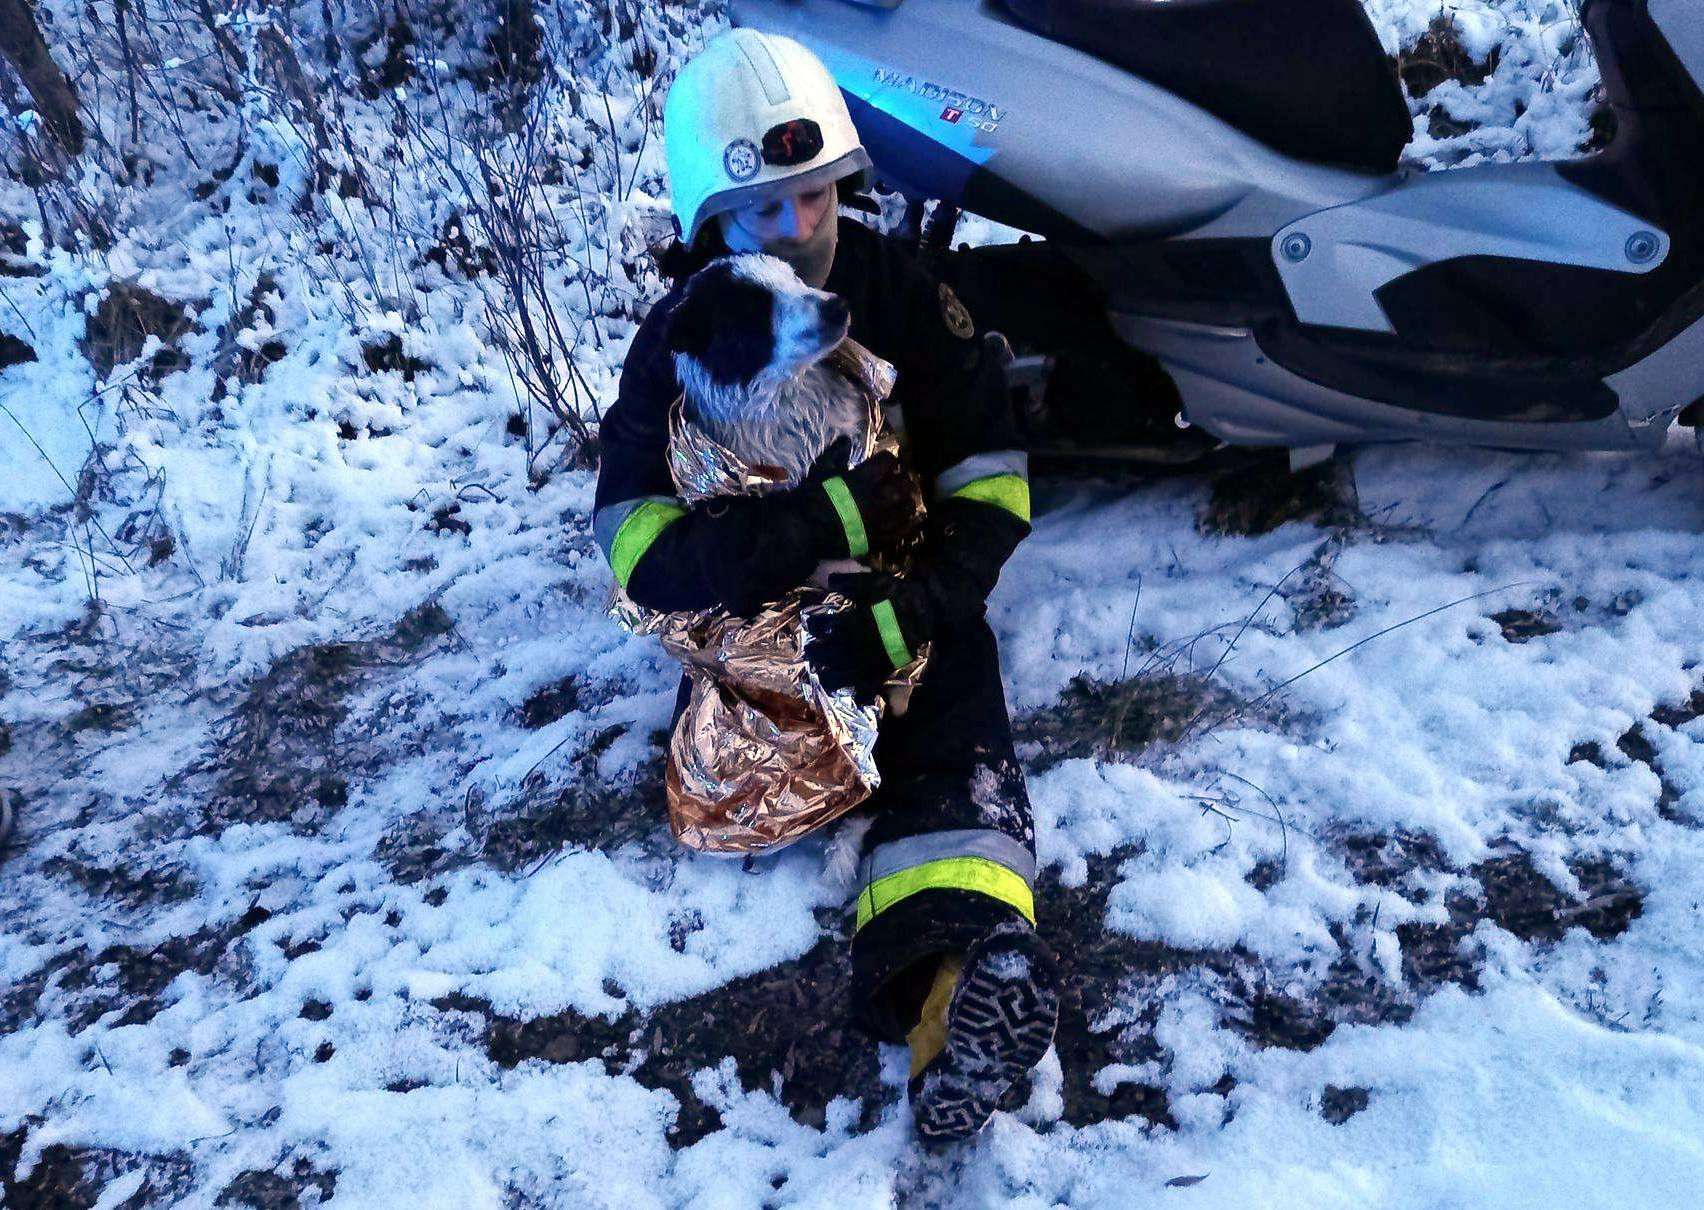 Strażacy uratowali topiące się psy! - Zdjęcie główne